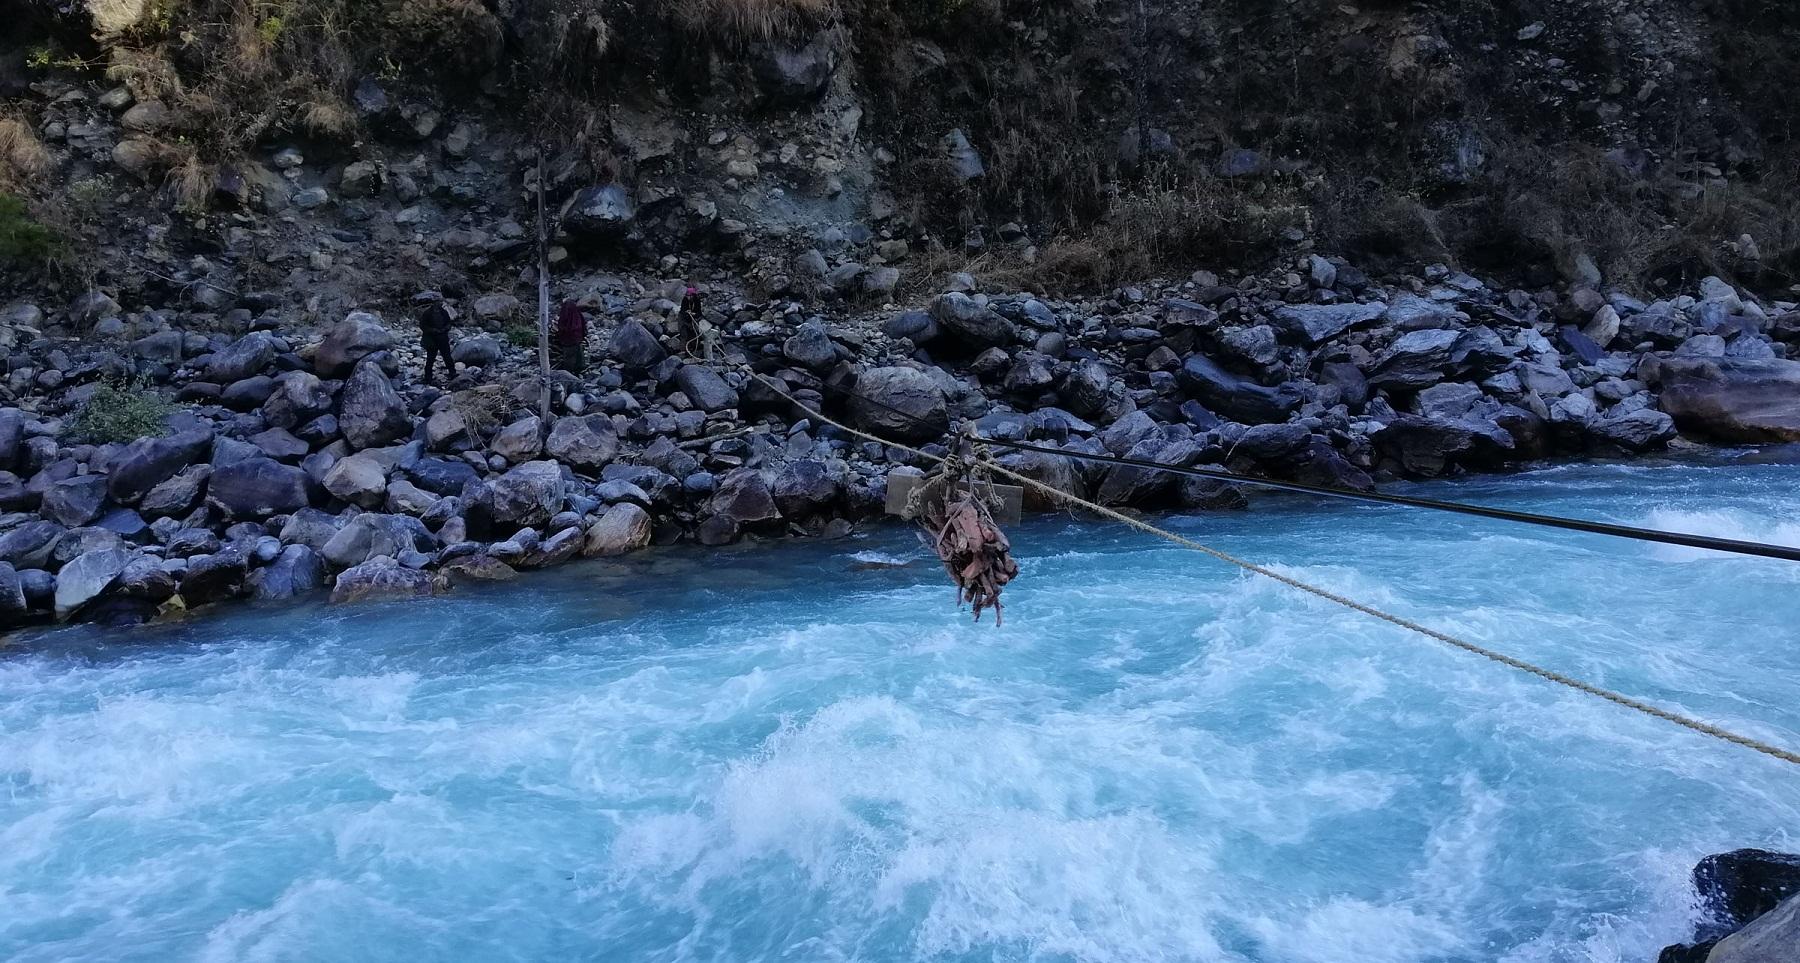 भारतीय एसएसबीले तुइनको डोरी निकाल्दा महाकाली नदीमा एक नेपाली खसे